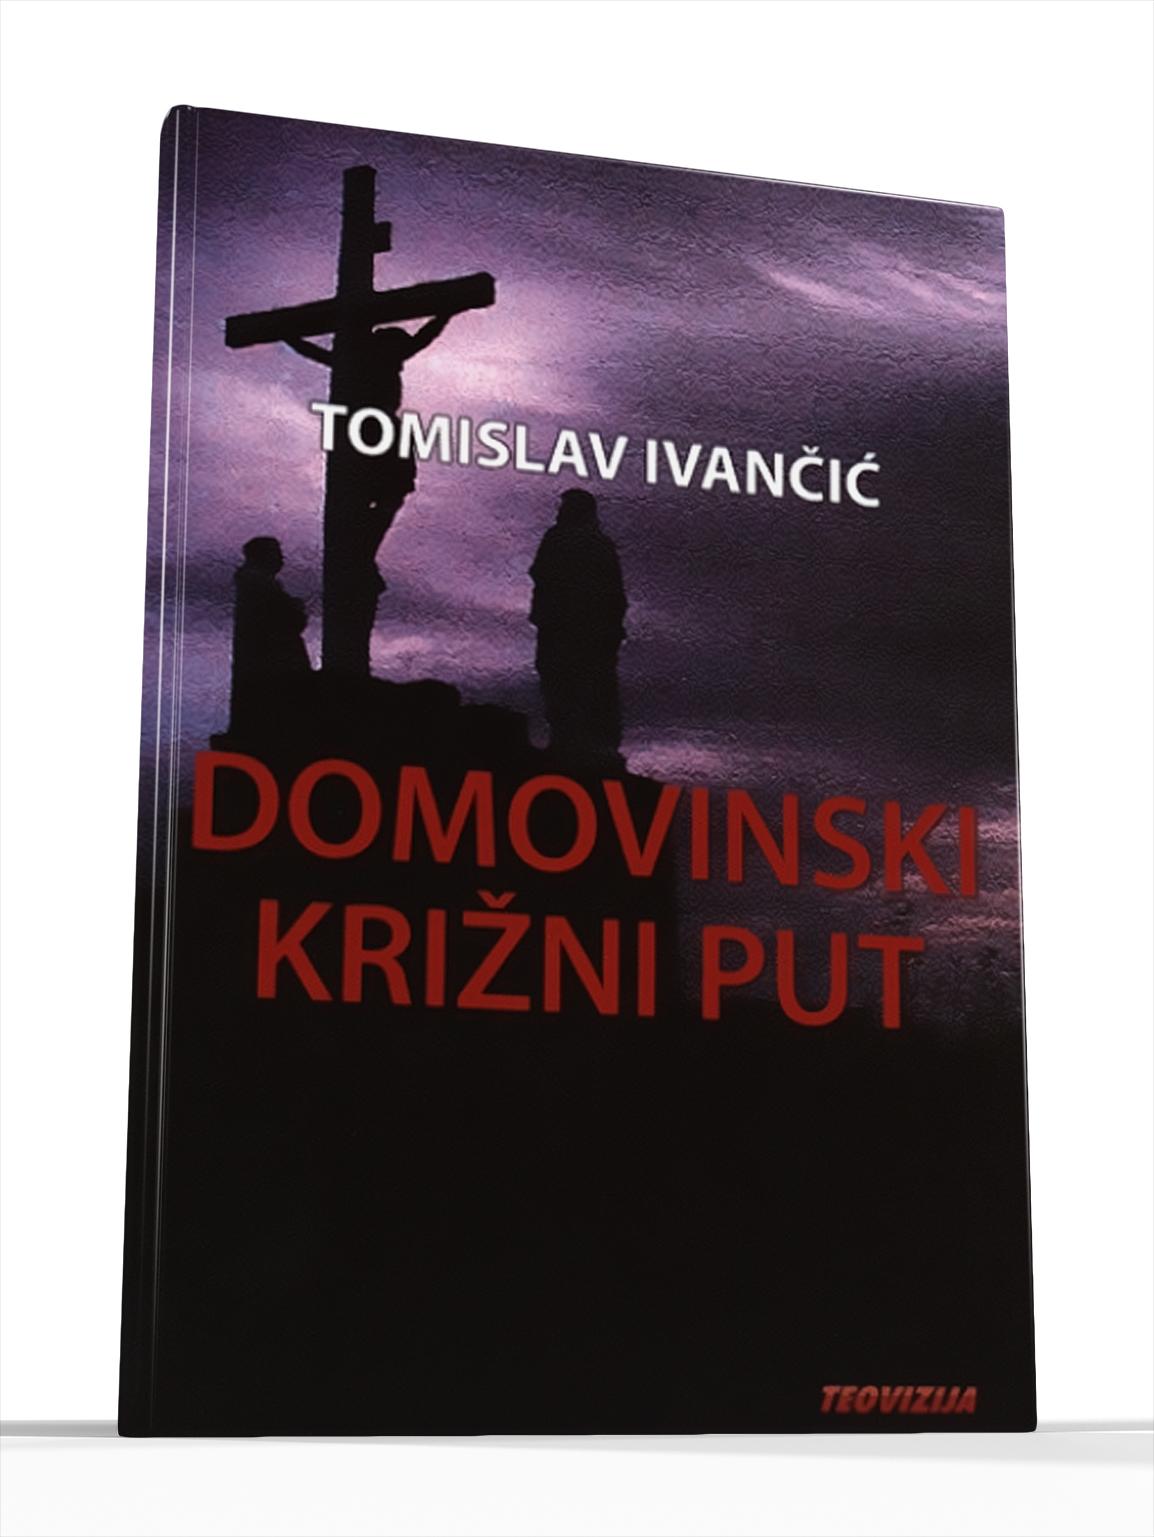 DOMOVINSKI KRIŽNI PUT - Tomislav Ivančić